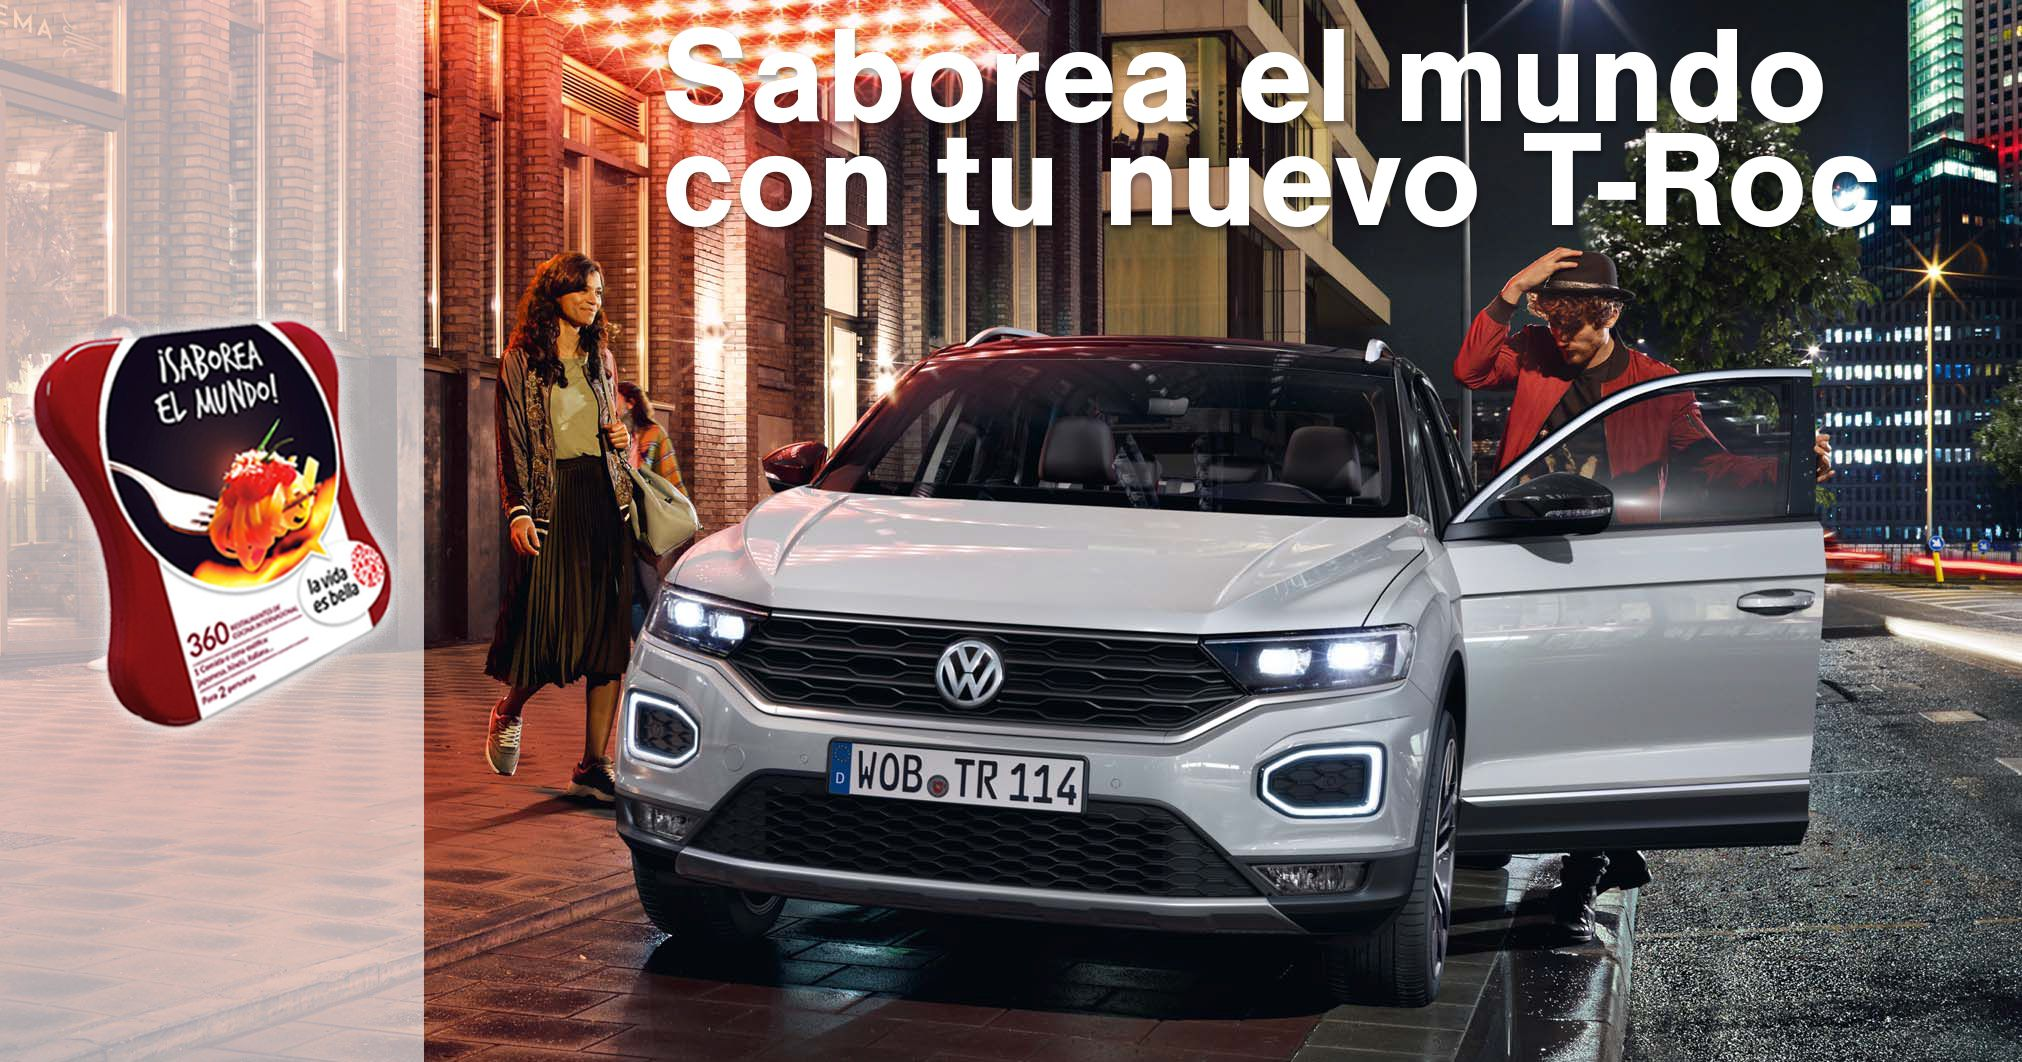 Automóviles Sánchez te invita a saborear el mundo con tu nuevo T-Roc